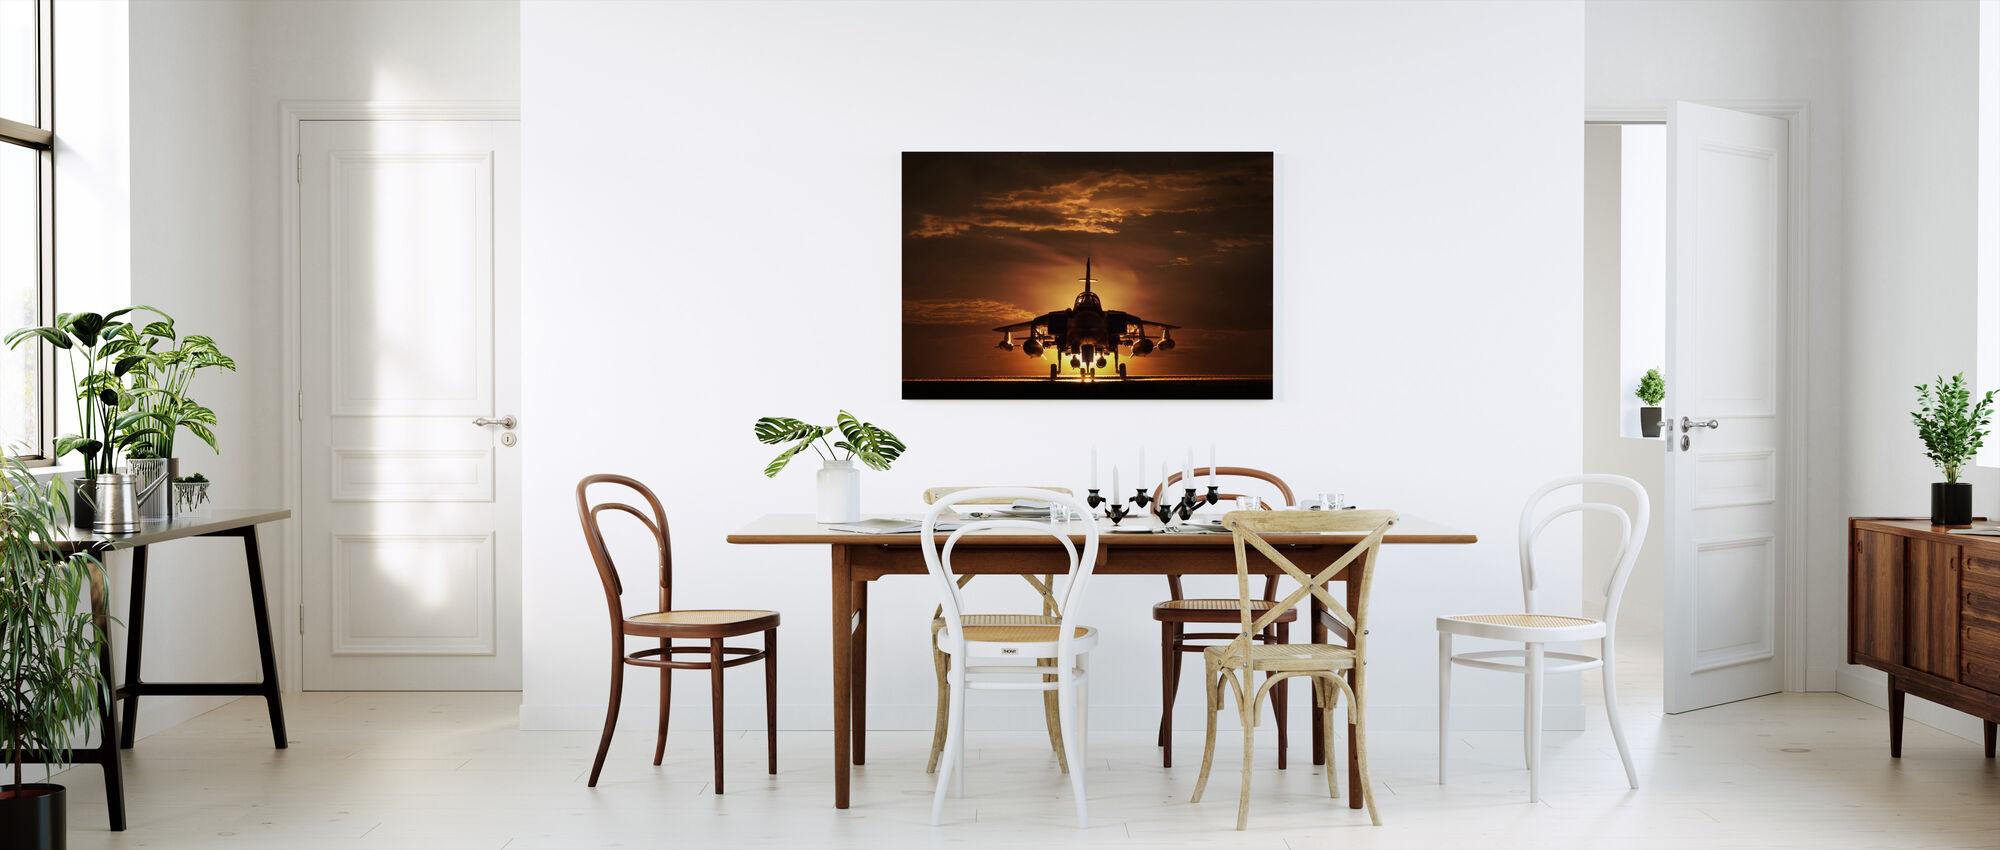 Fly solnedgang - Lerretsbilde - Kjøkken